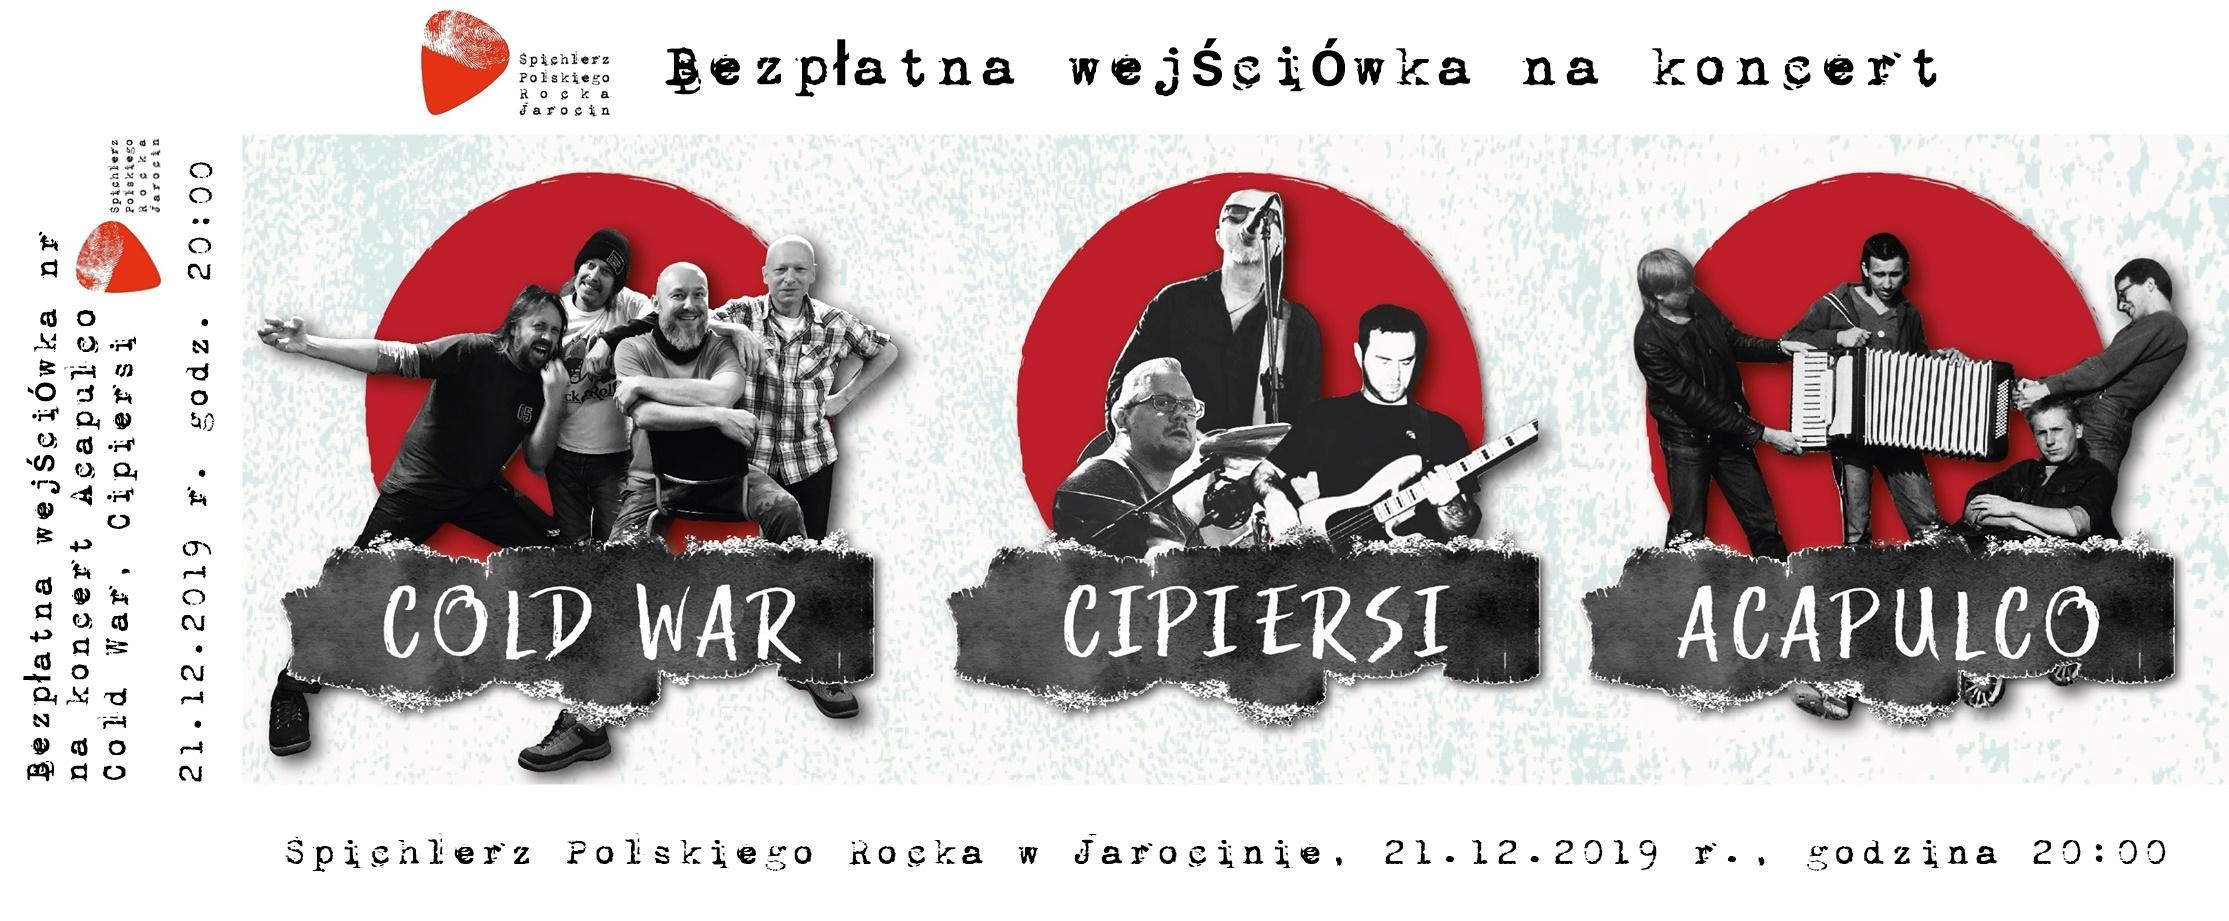 Bezpłatne wejściówki na koncert w dniu 21.12.2019 r. już dostępne.